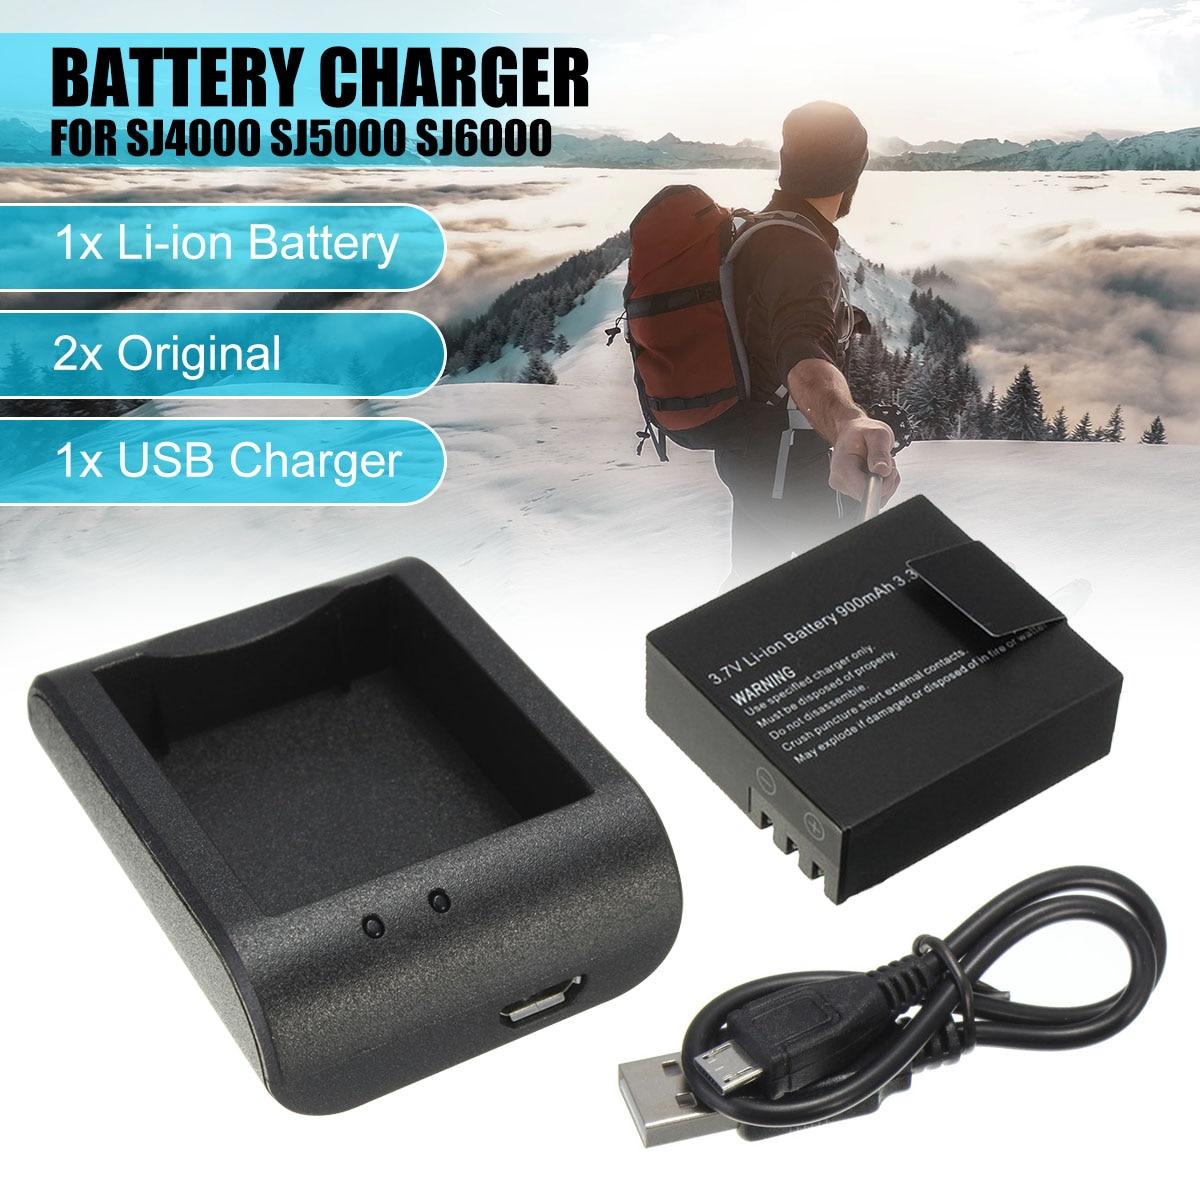 2x3,7 V 900 mAh Li-Ion batería + Cable USB cargador de escritorio de carga para SJ4000 SJ5000 SJ6000 de deportes de acción cámara DVR